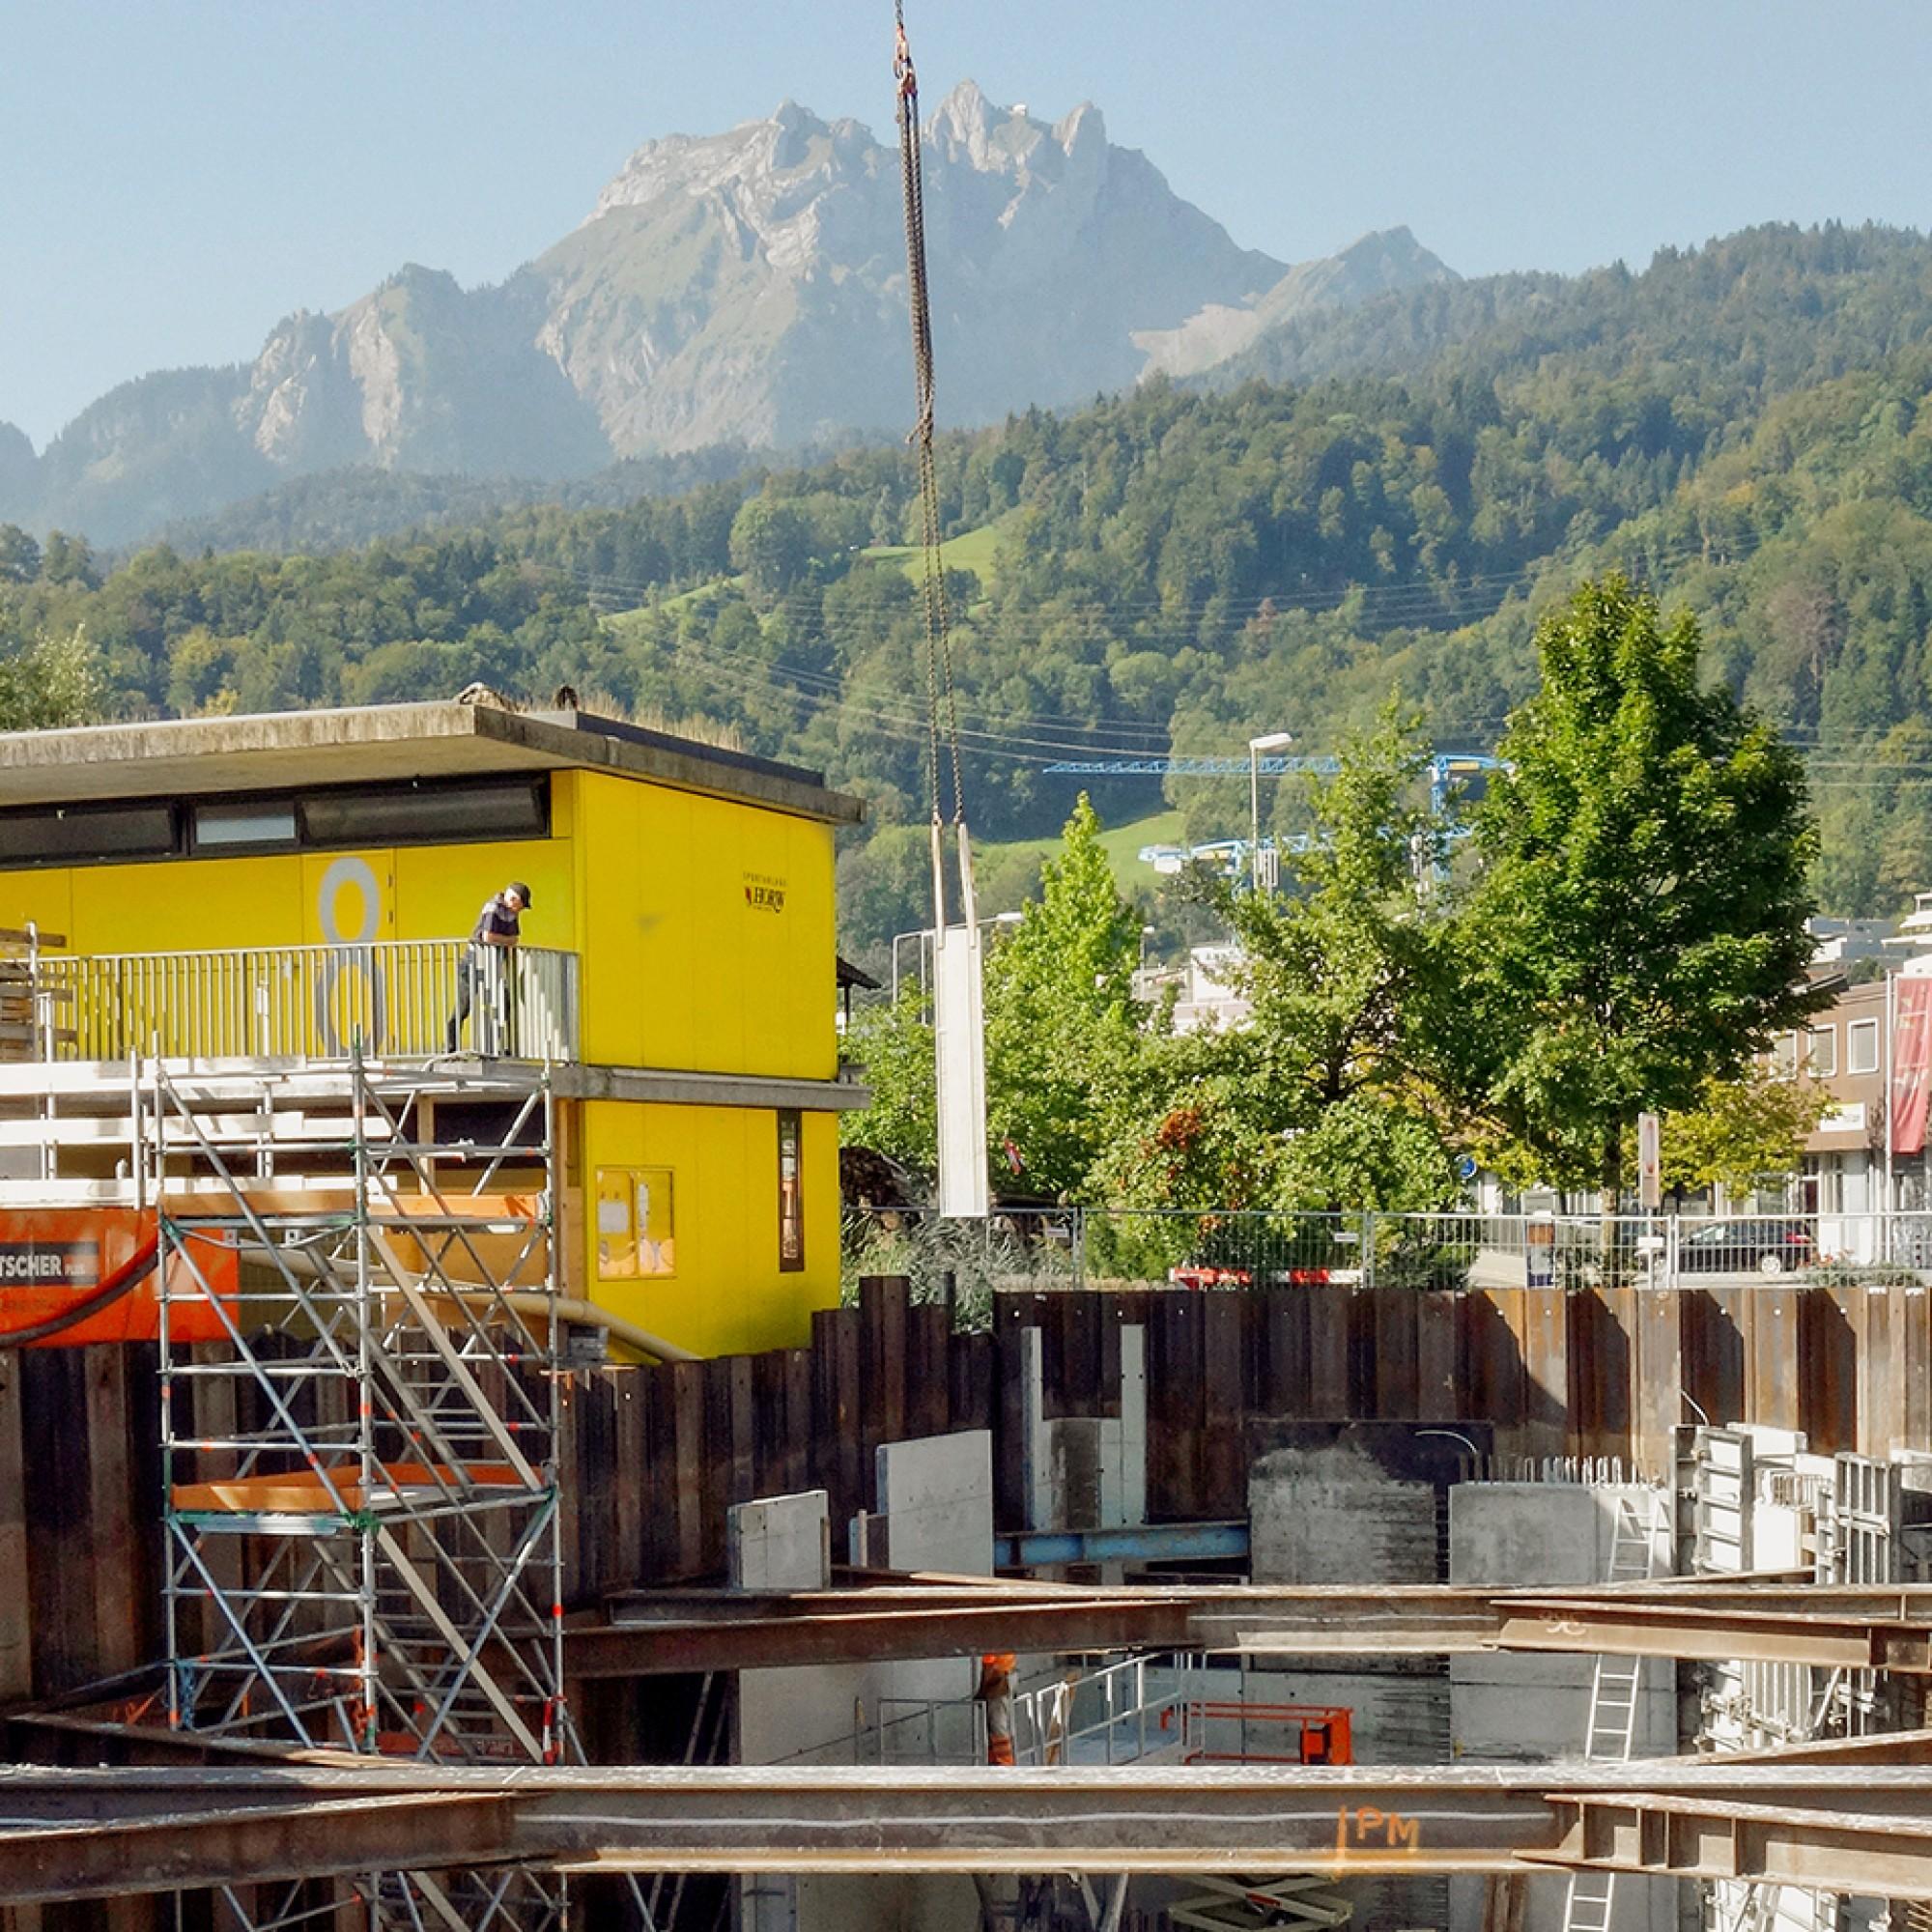 Von der Baugrube in Horw aus sieht man nicht nur den See, sondern auch den Luzerner Hausberg Pilatus.